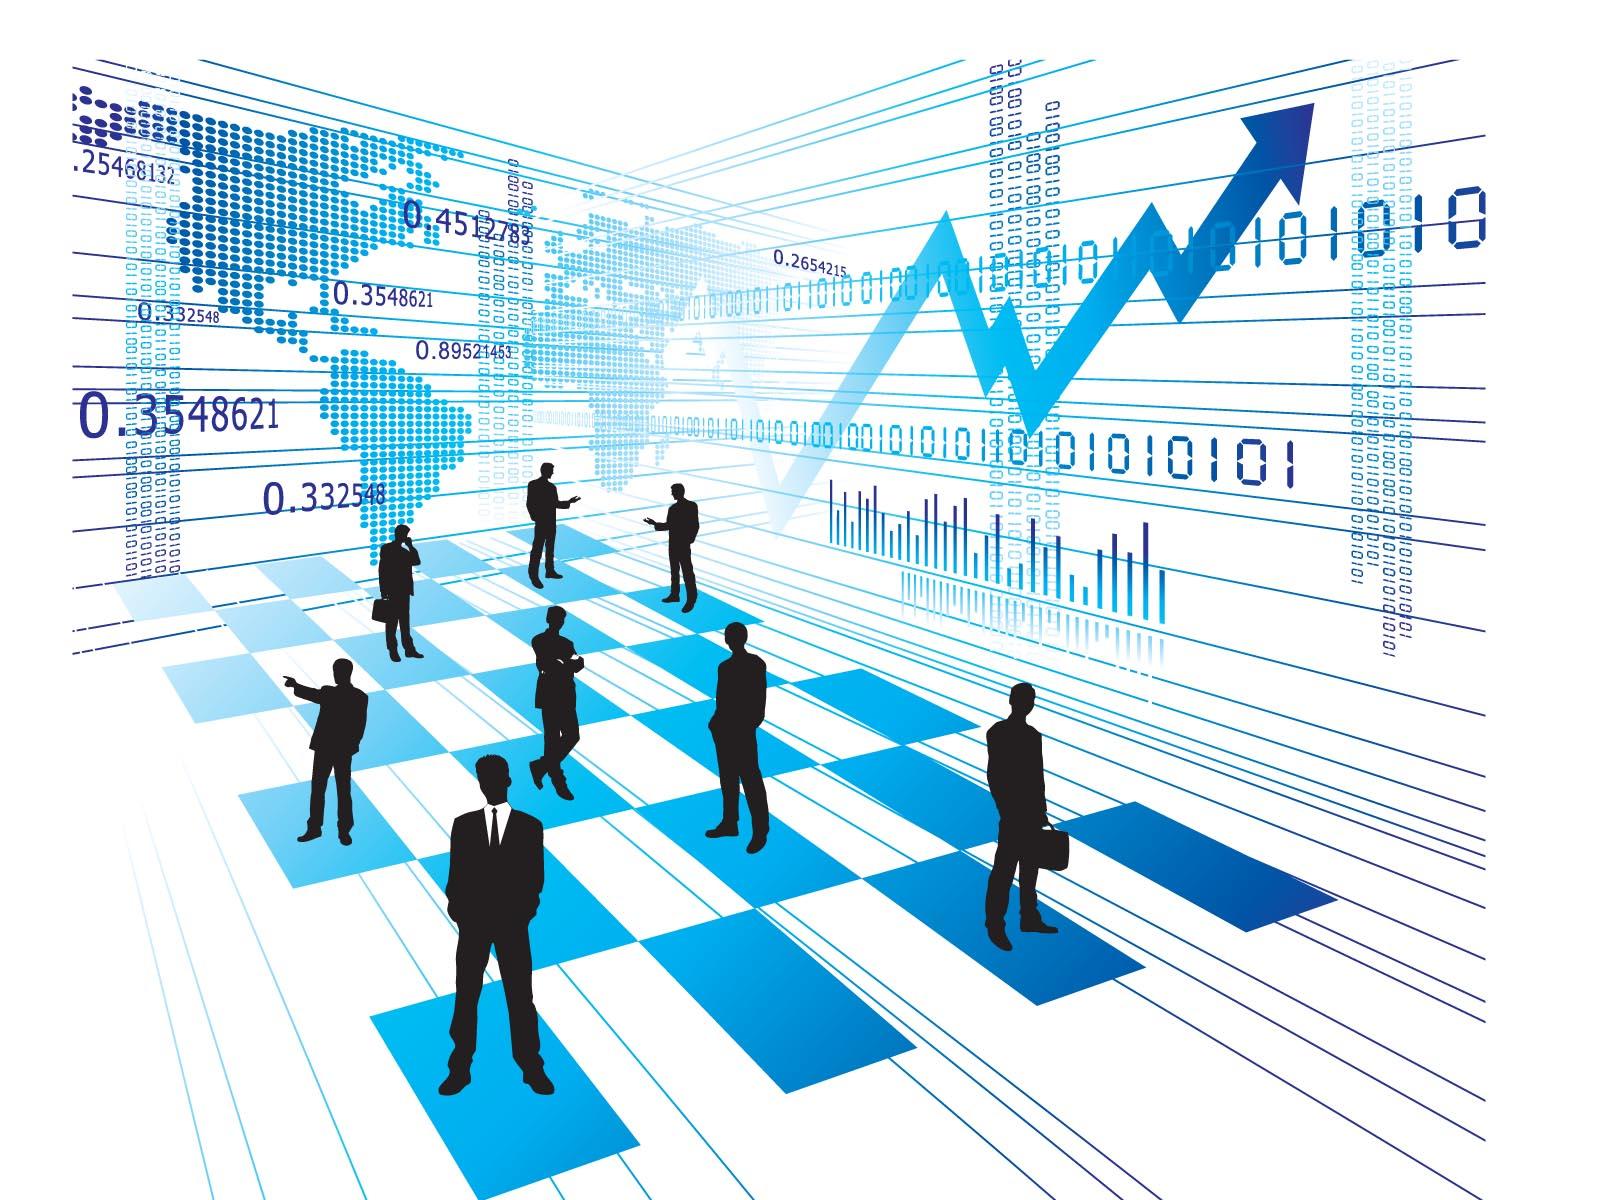 Đầu tư chứng khoán cần tỉnh táo, nắm bắt nhanh nhạy thị trường